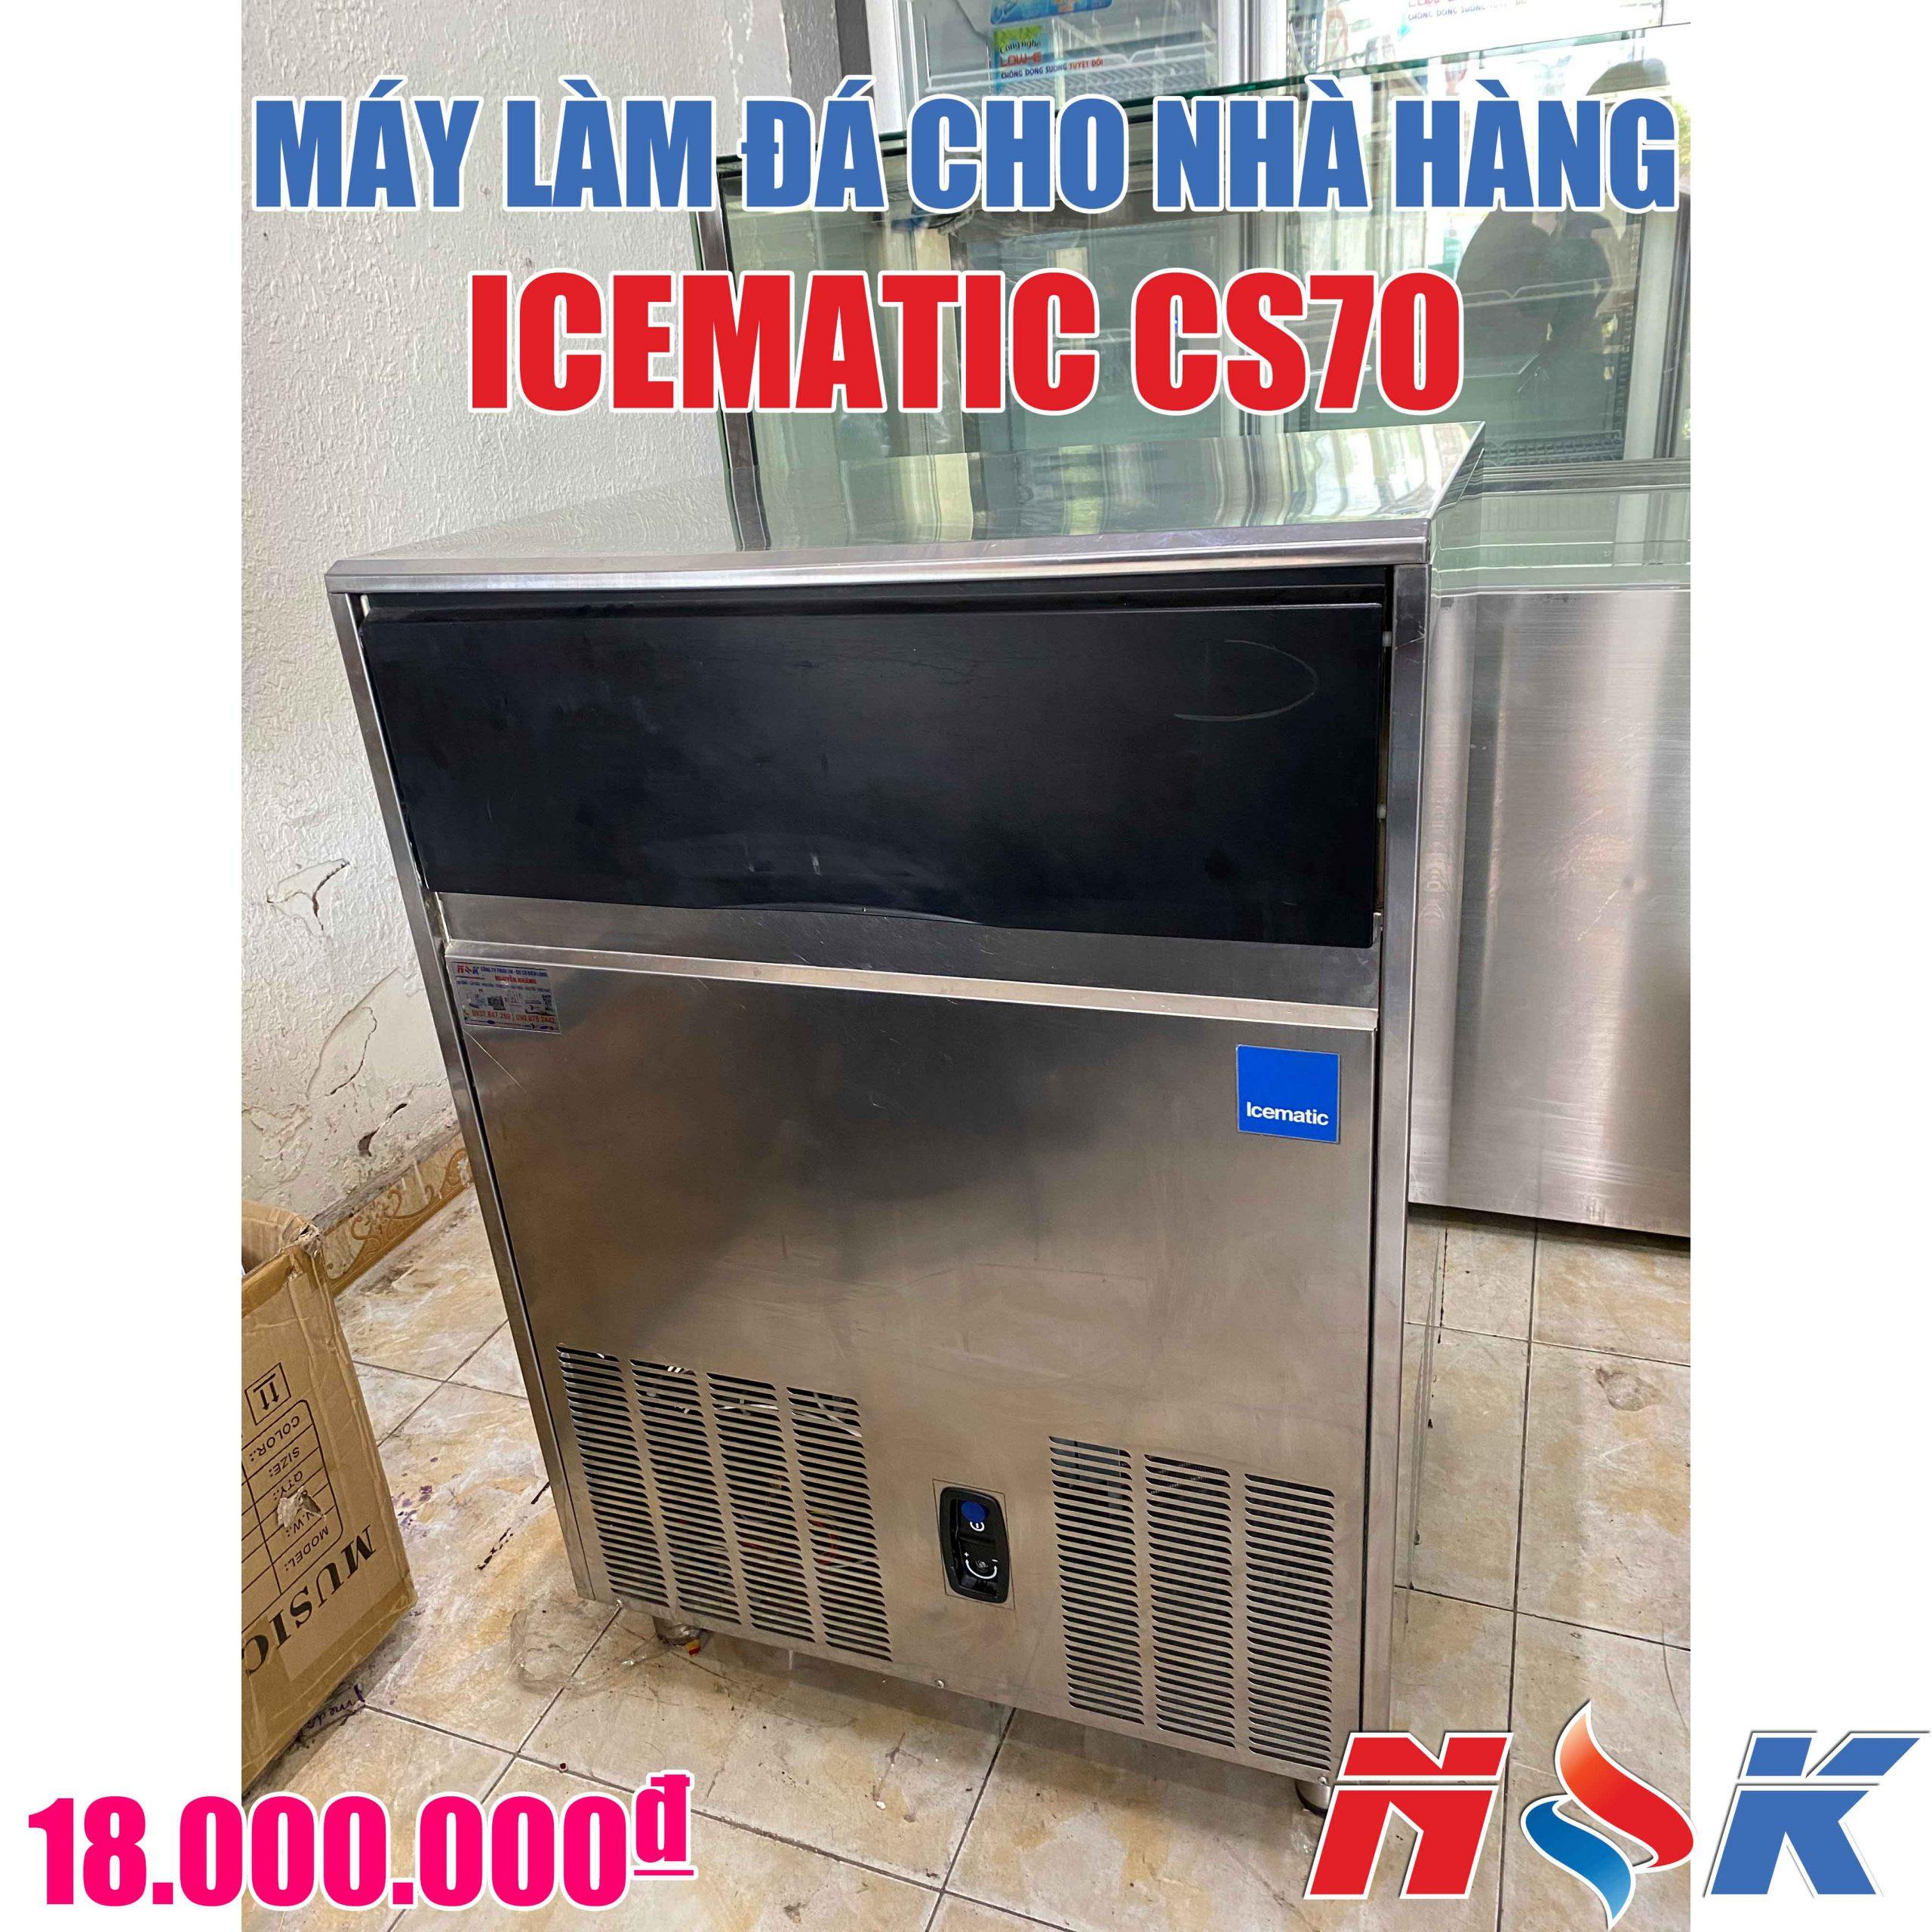 Máy làm đá viên cho nhà hàng Icematic